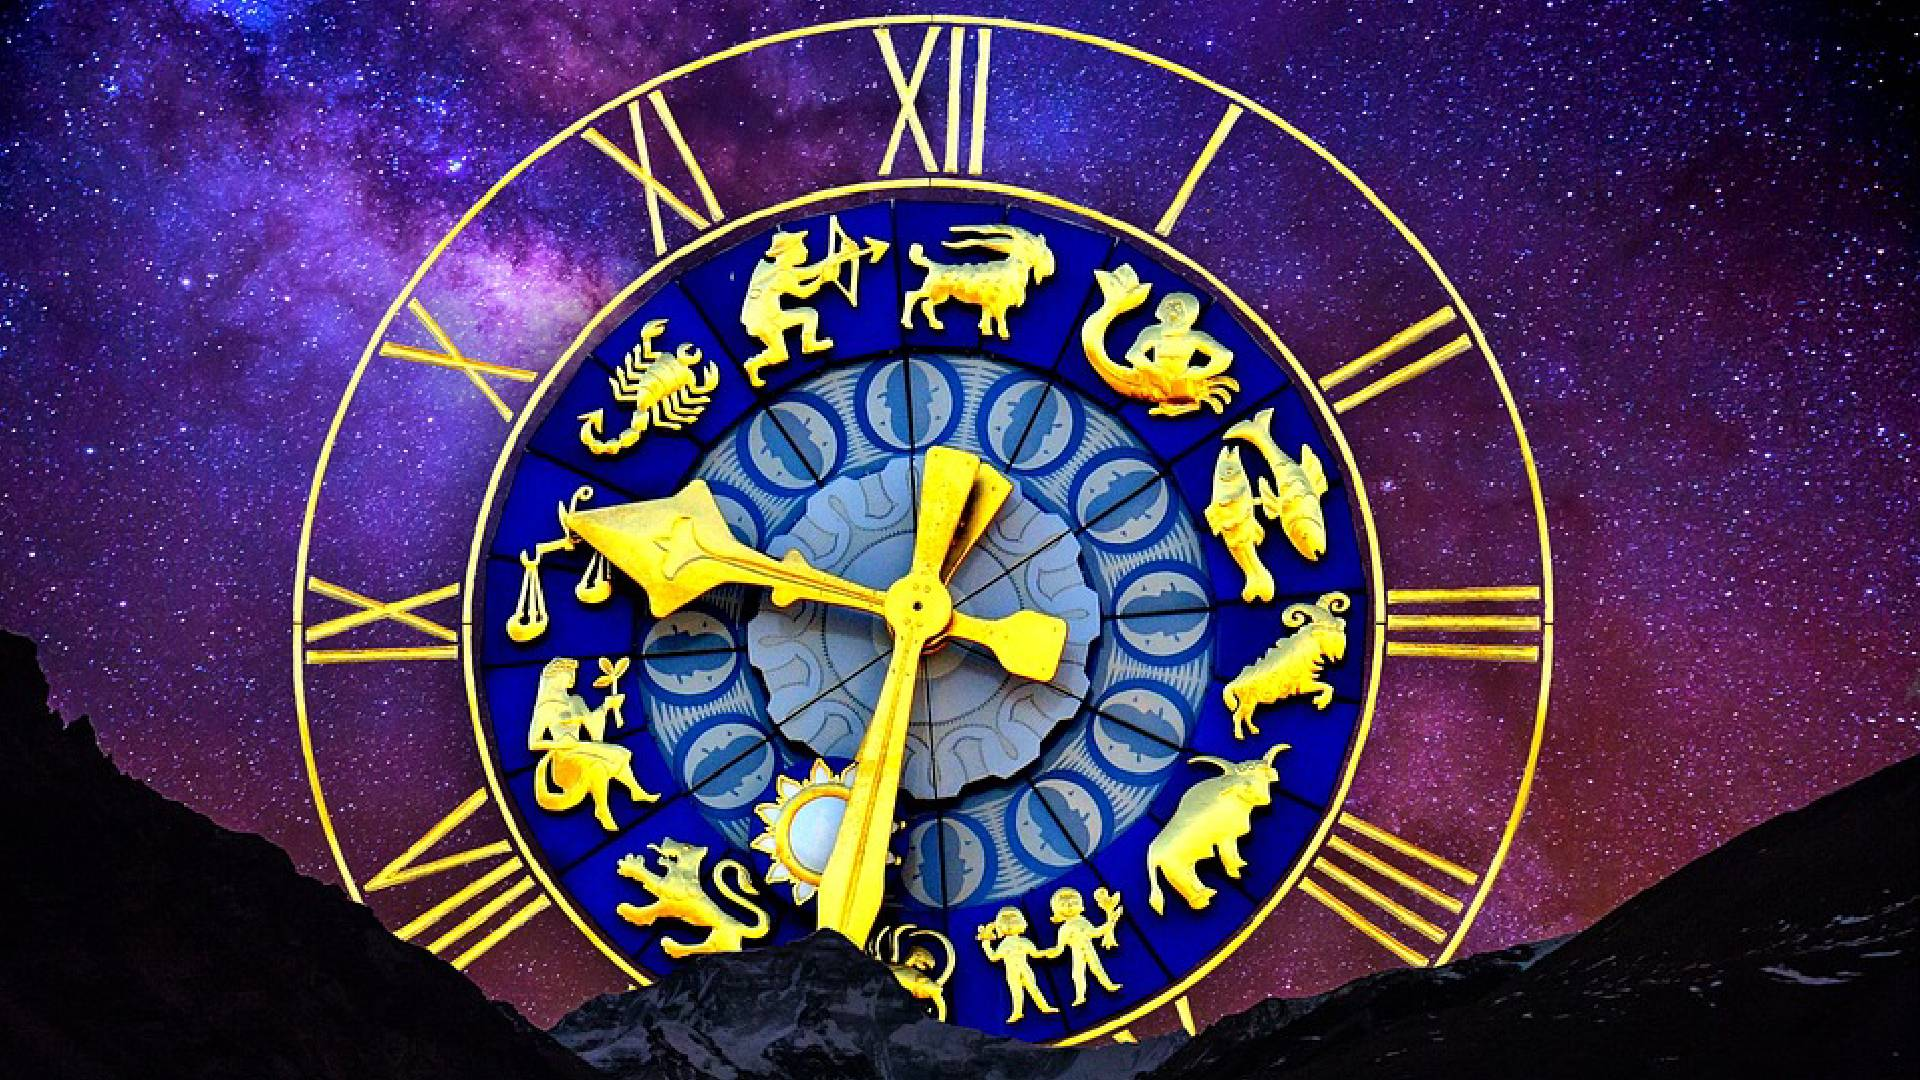 Zodiac Signs: इन 5 राशि वालों को सफलता पाने के लिए करनी पड़ती है कड़ी मेहनत, लगाना पड़ता है एड़ी-चोटी का जोर